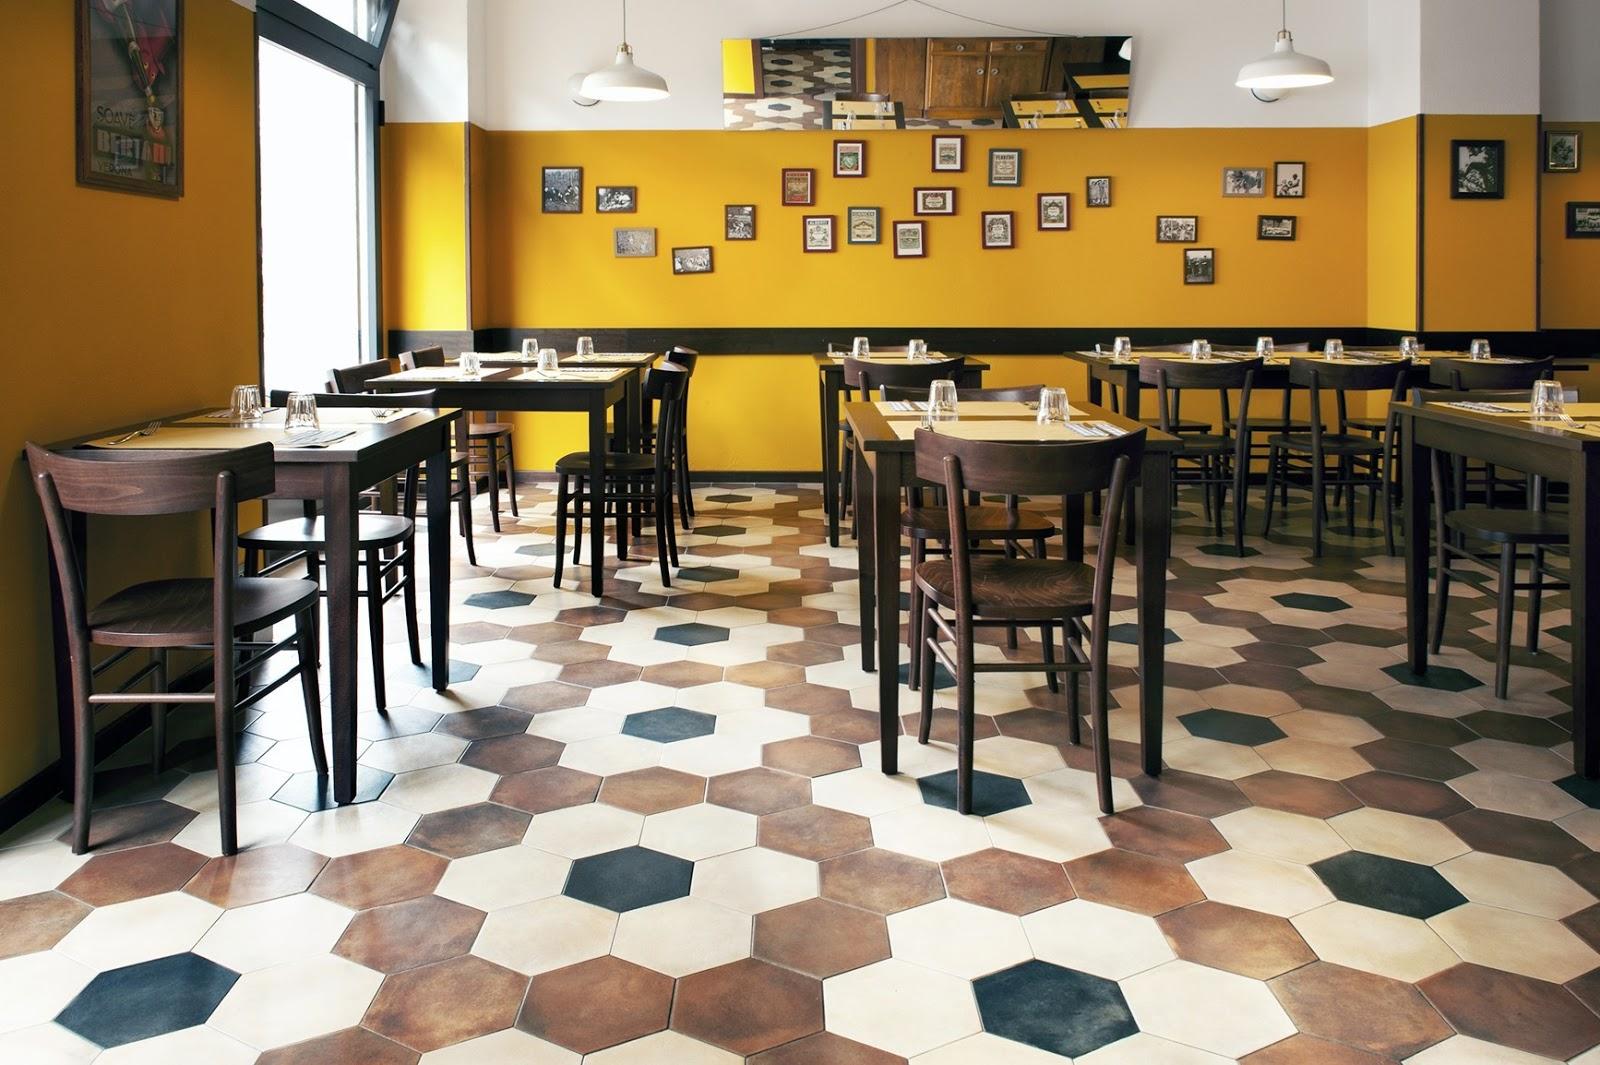 Fap ceramiche veste gli interni del ristorante trippa di for Design di milano